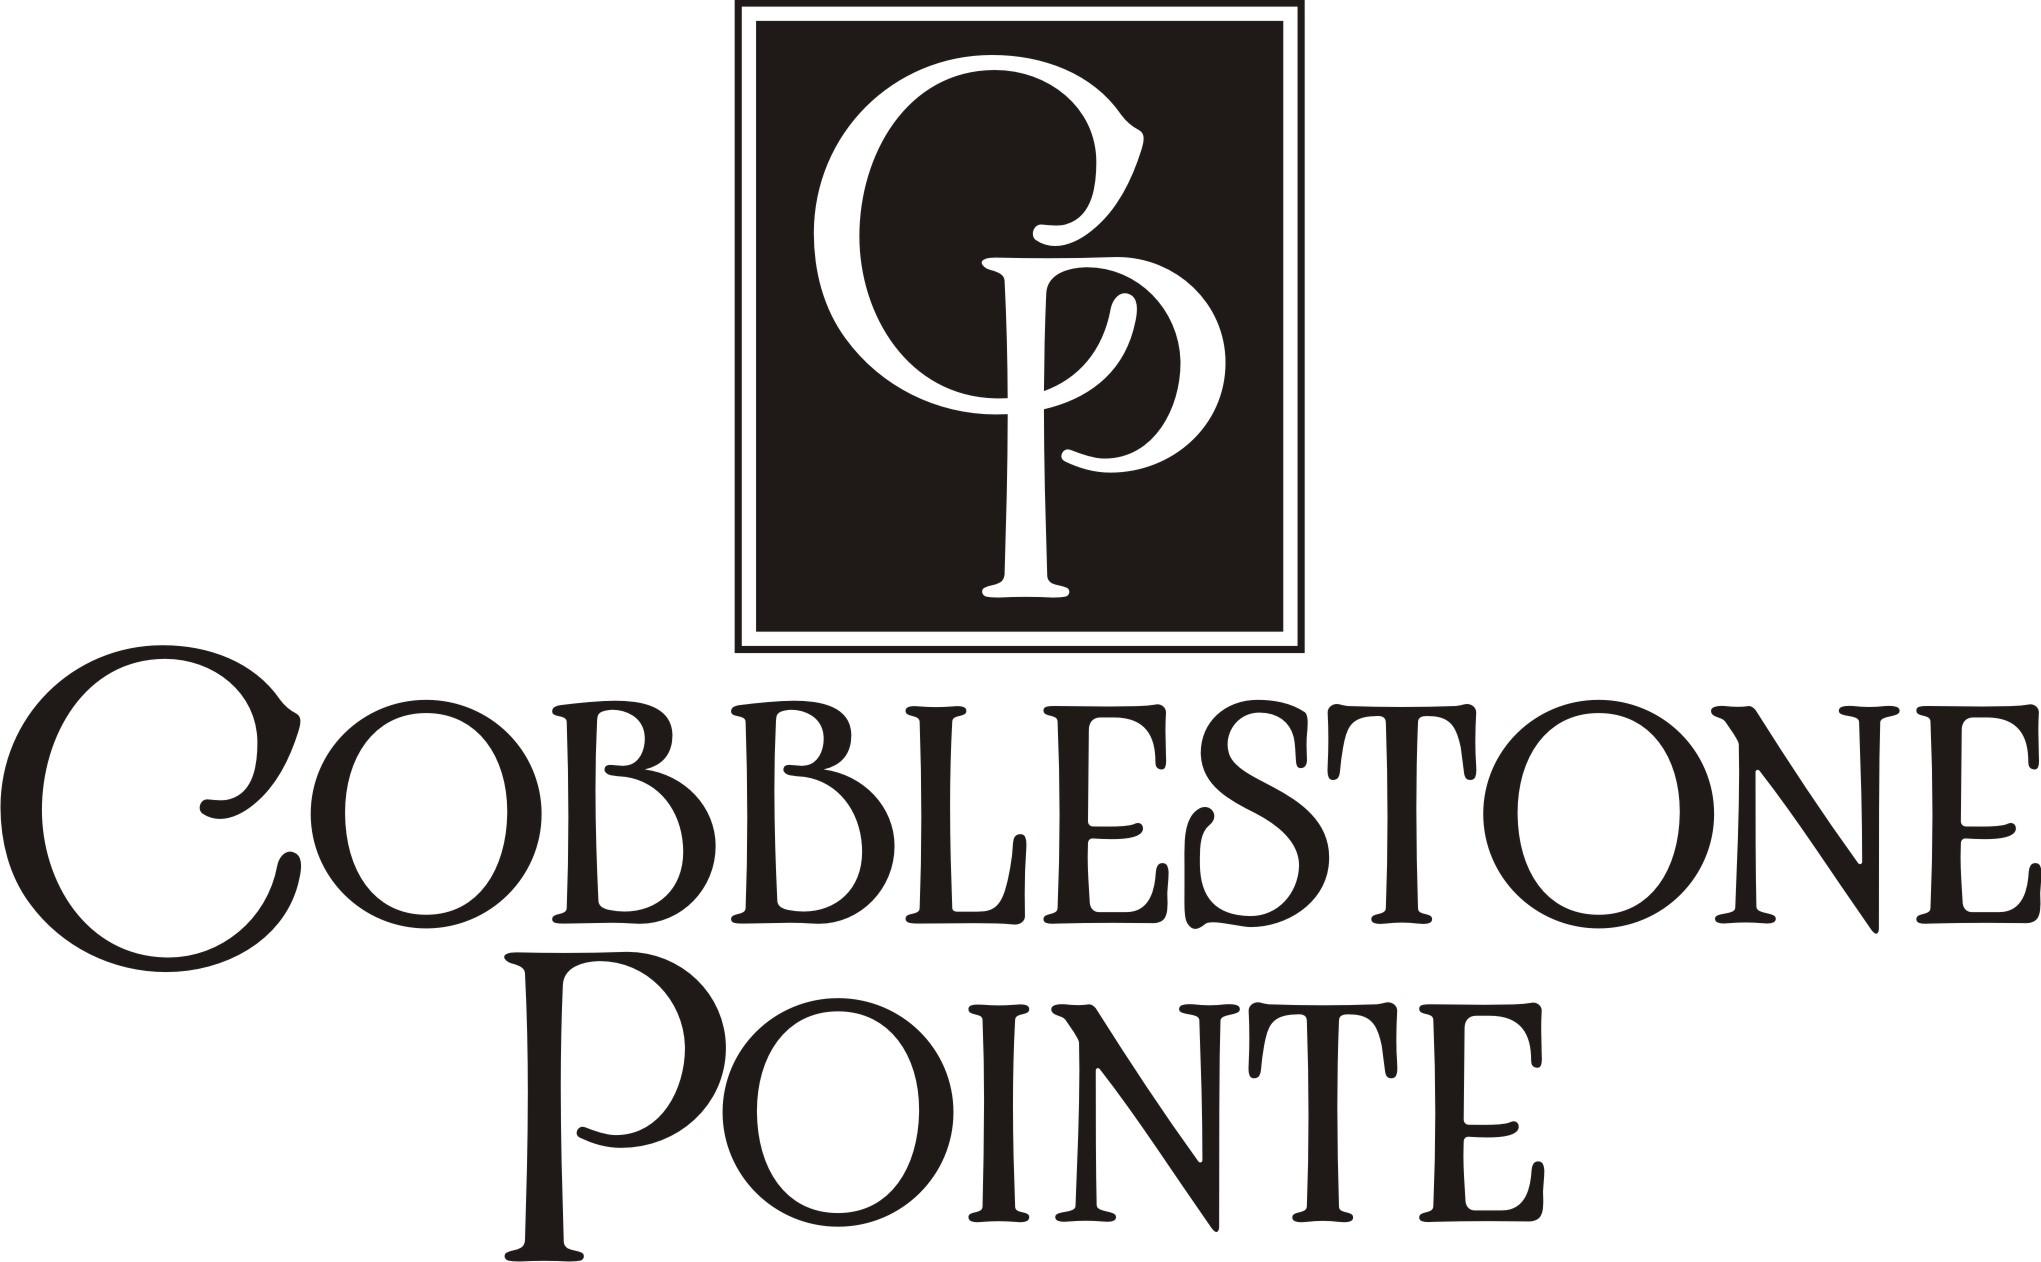 Cobblestone Pointe